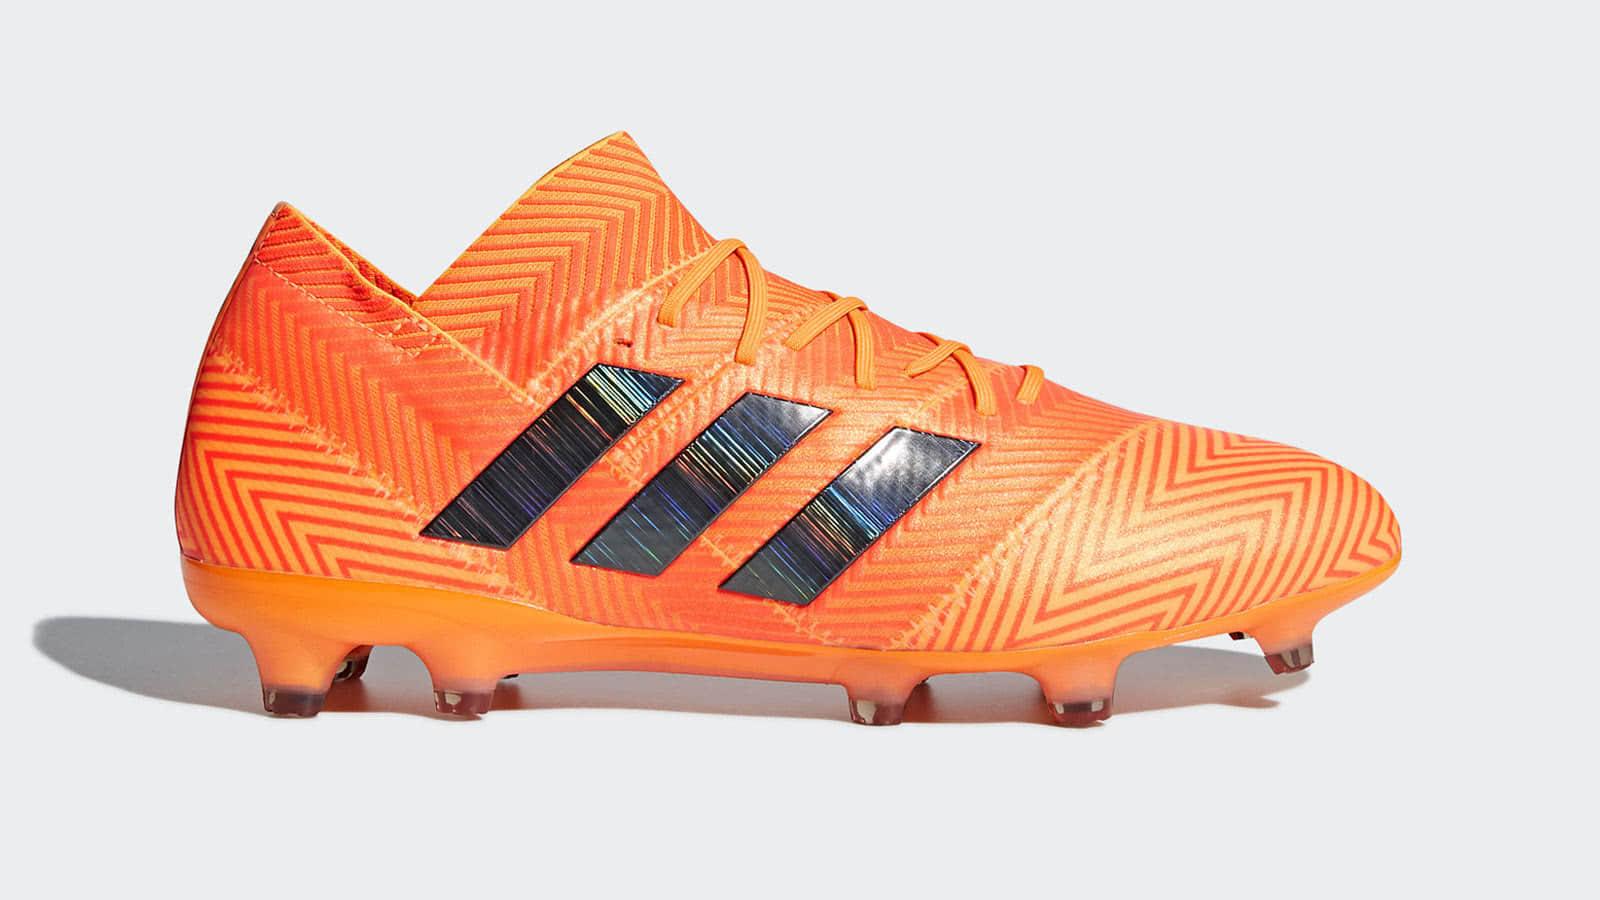 neue adidas Fußballschuhe 2019/20 | alle Modelle | + Shop